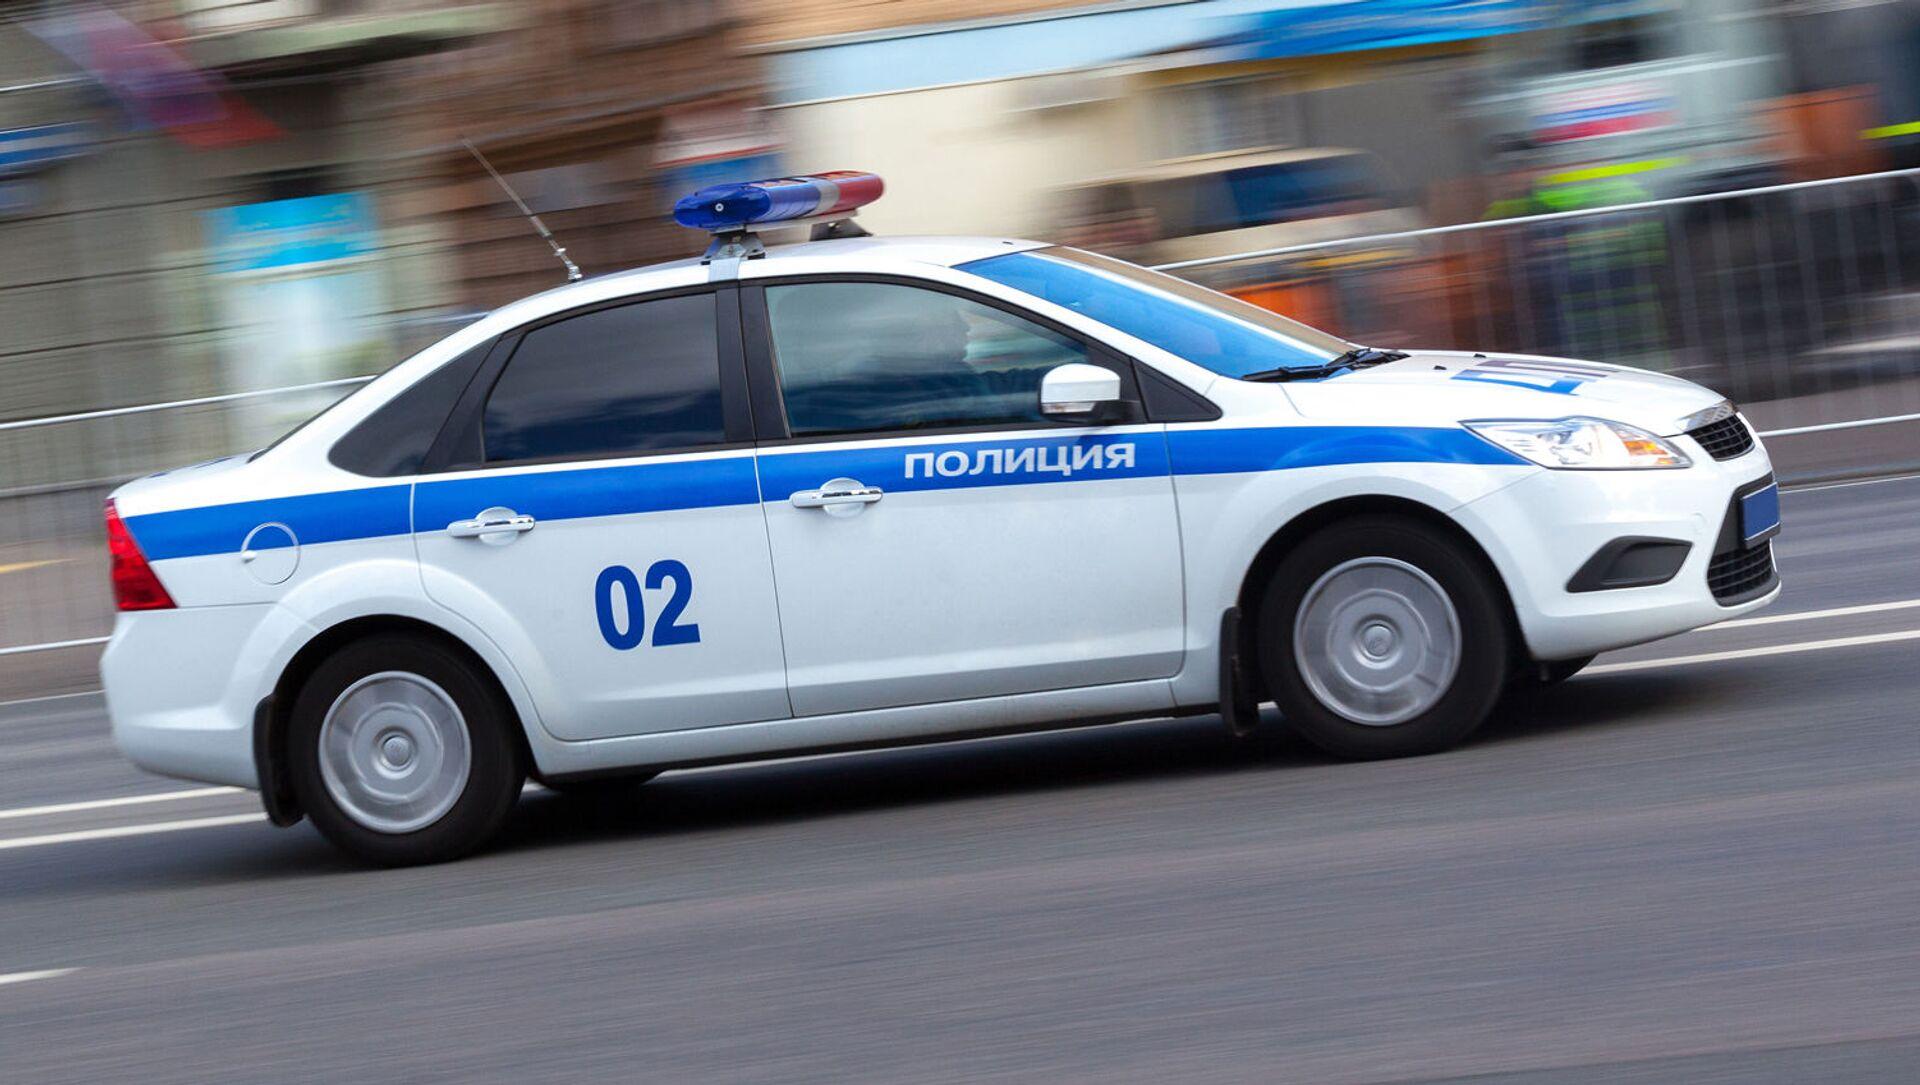 Ruska policija - Sputnik Srbija, 1920, 12.02.2021